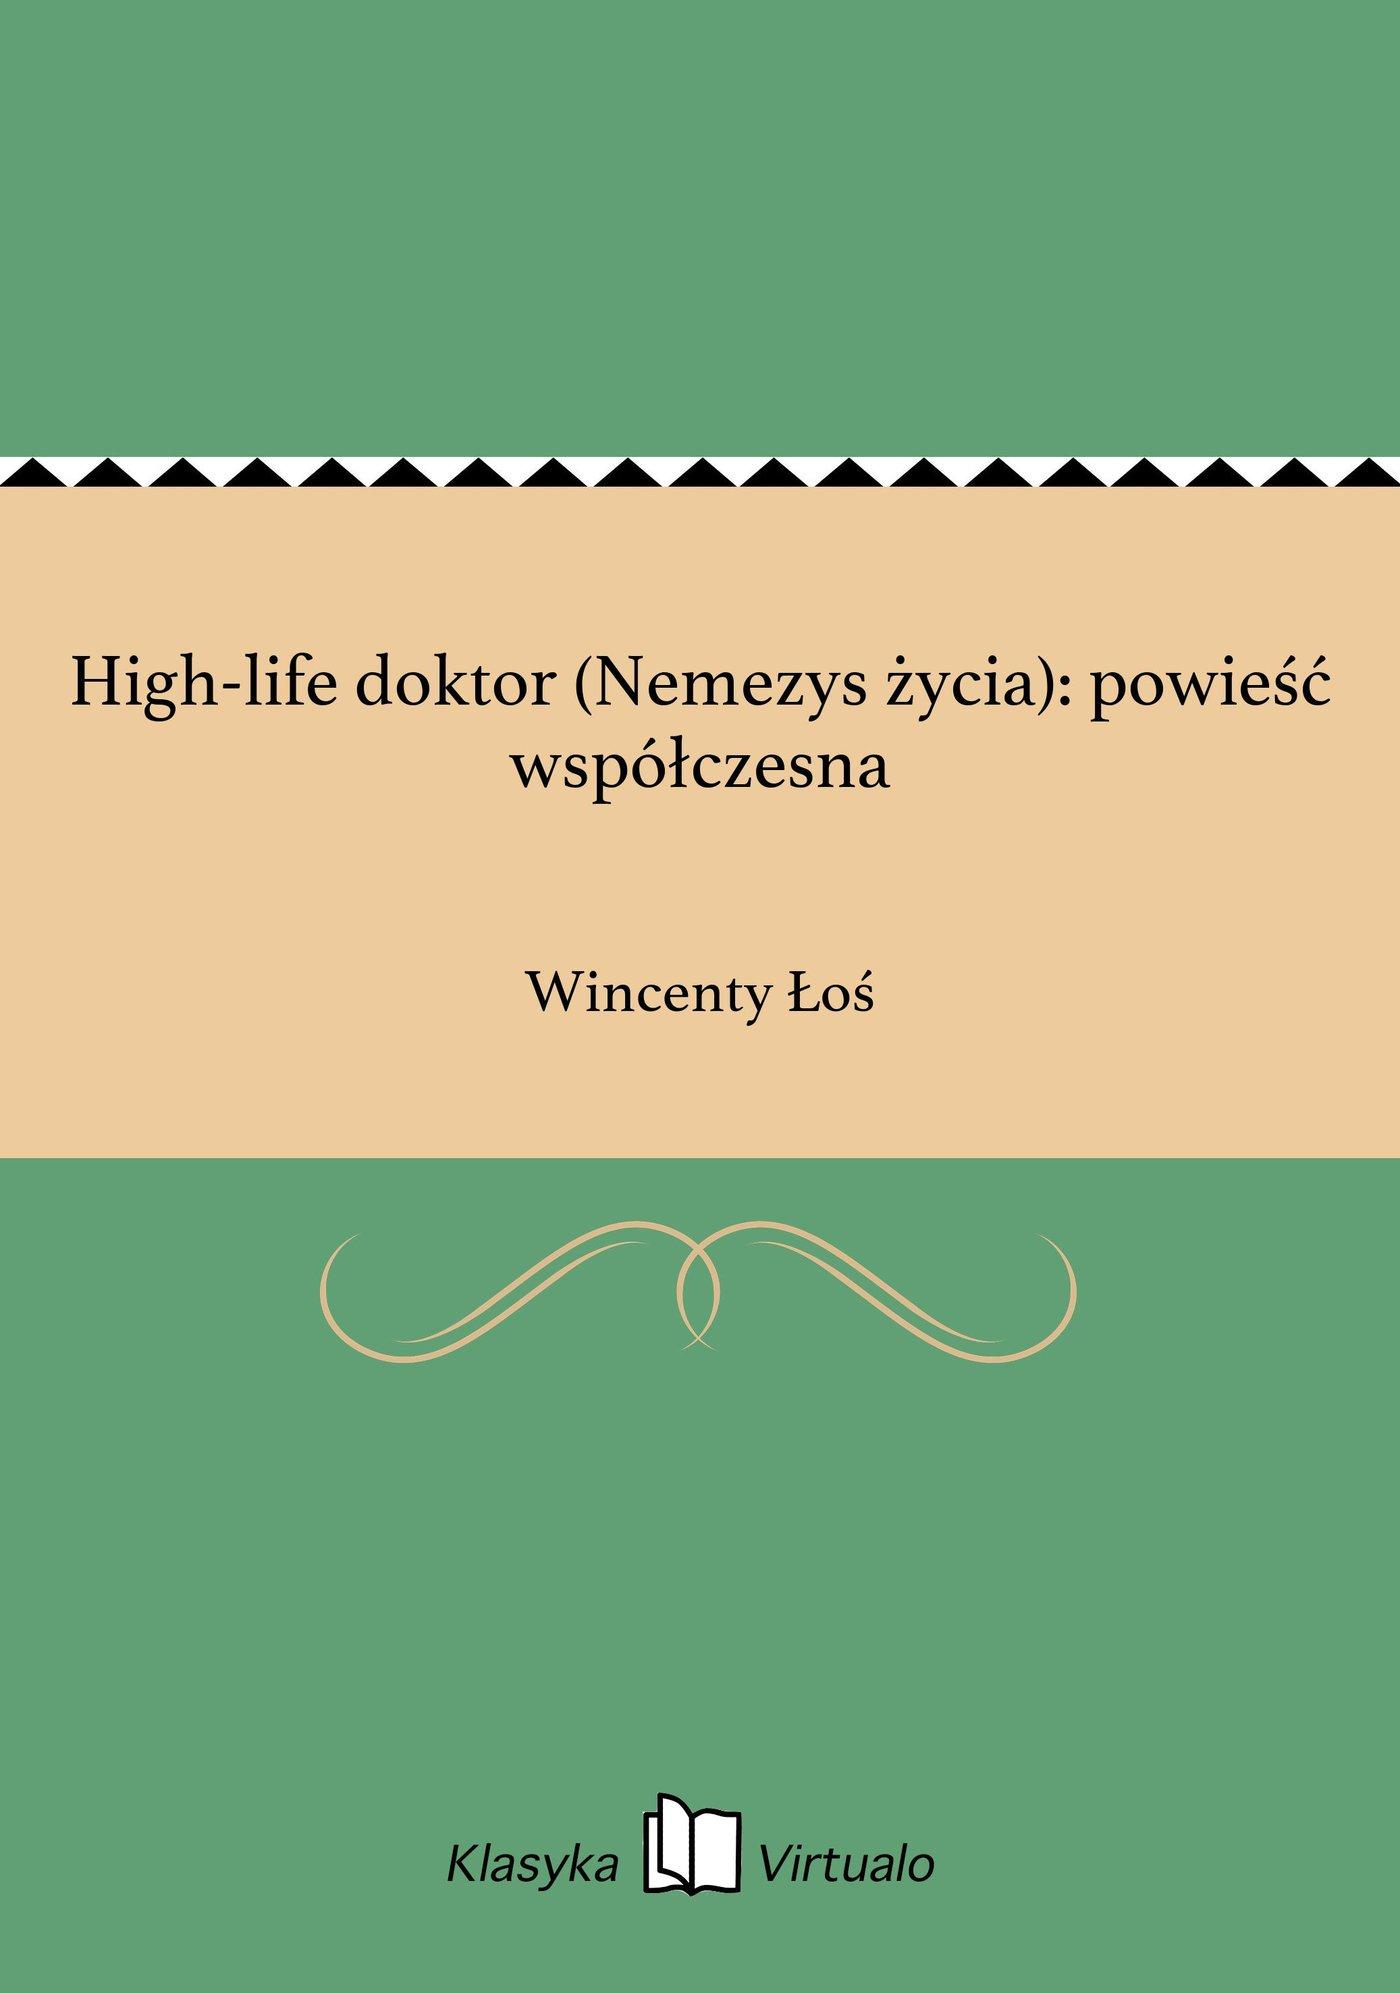 High-life doktor (Nemezys życia): powieść współczesna - Ebook (Książka na Kindle) do pobrania w formacie MOBI